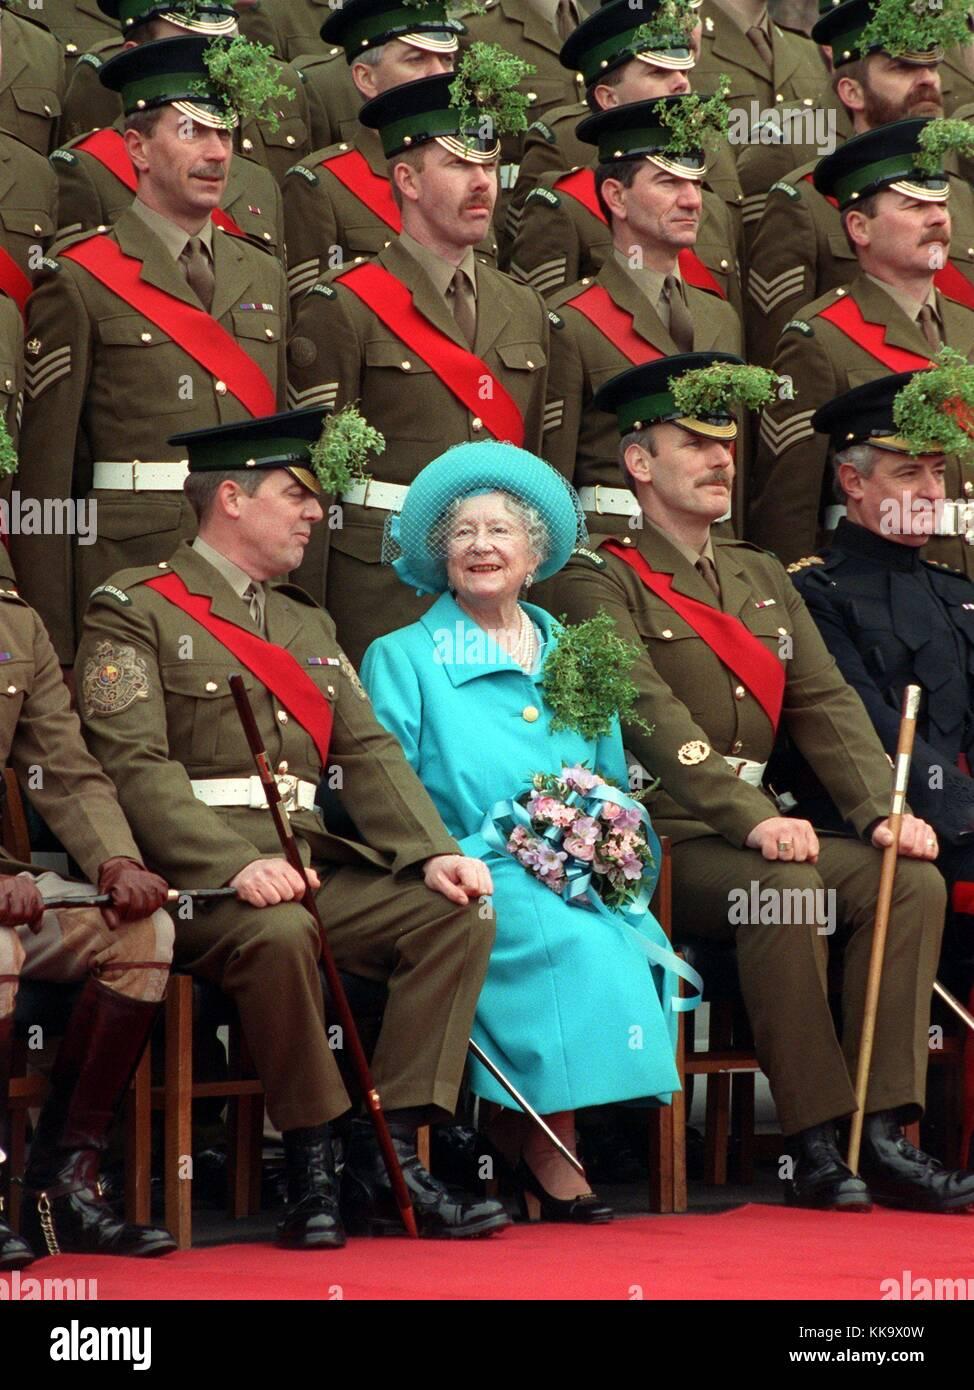 Anlasslich Des Irischen St Patrick S Day Der Britischen Queen Mum